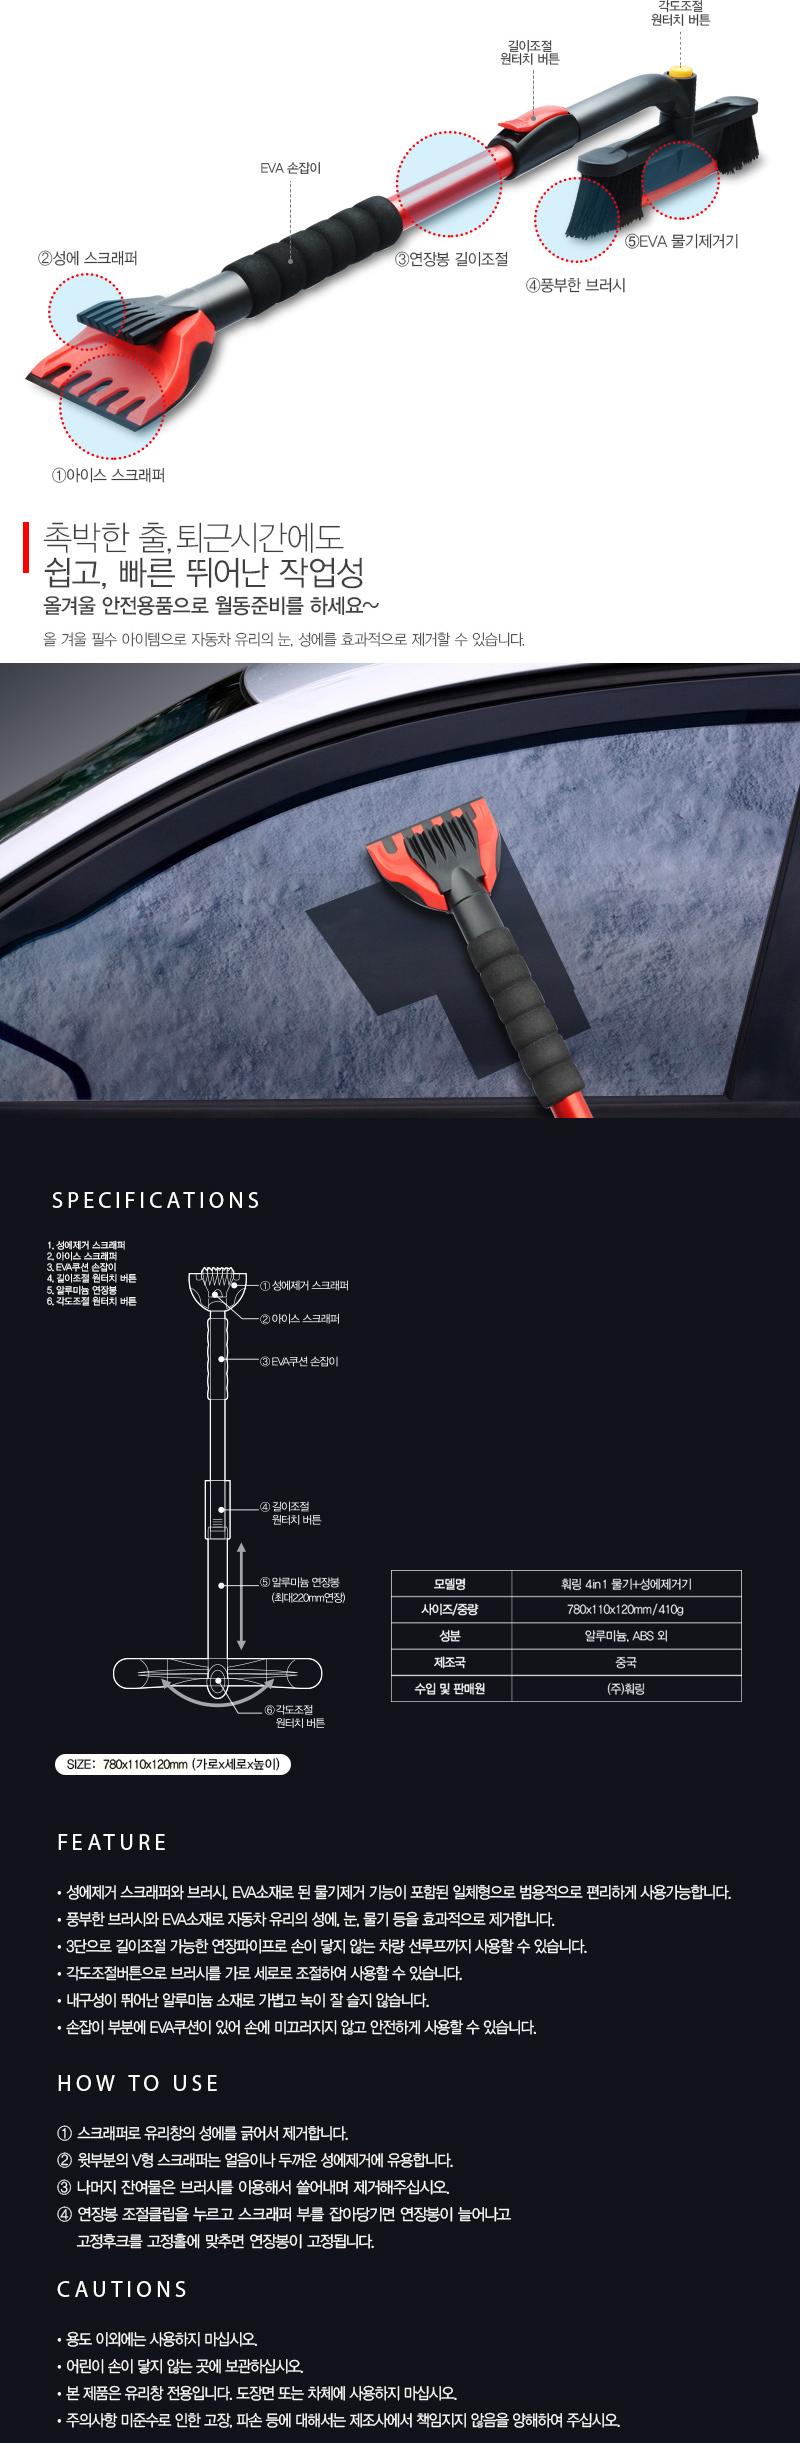 4in1 메탈 성에제거기 스크래퍼 2단 길이조절 알루미늄 바디 - 훠링, 15,800원, 자동차용품, 기타용품